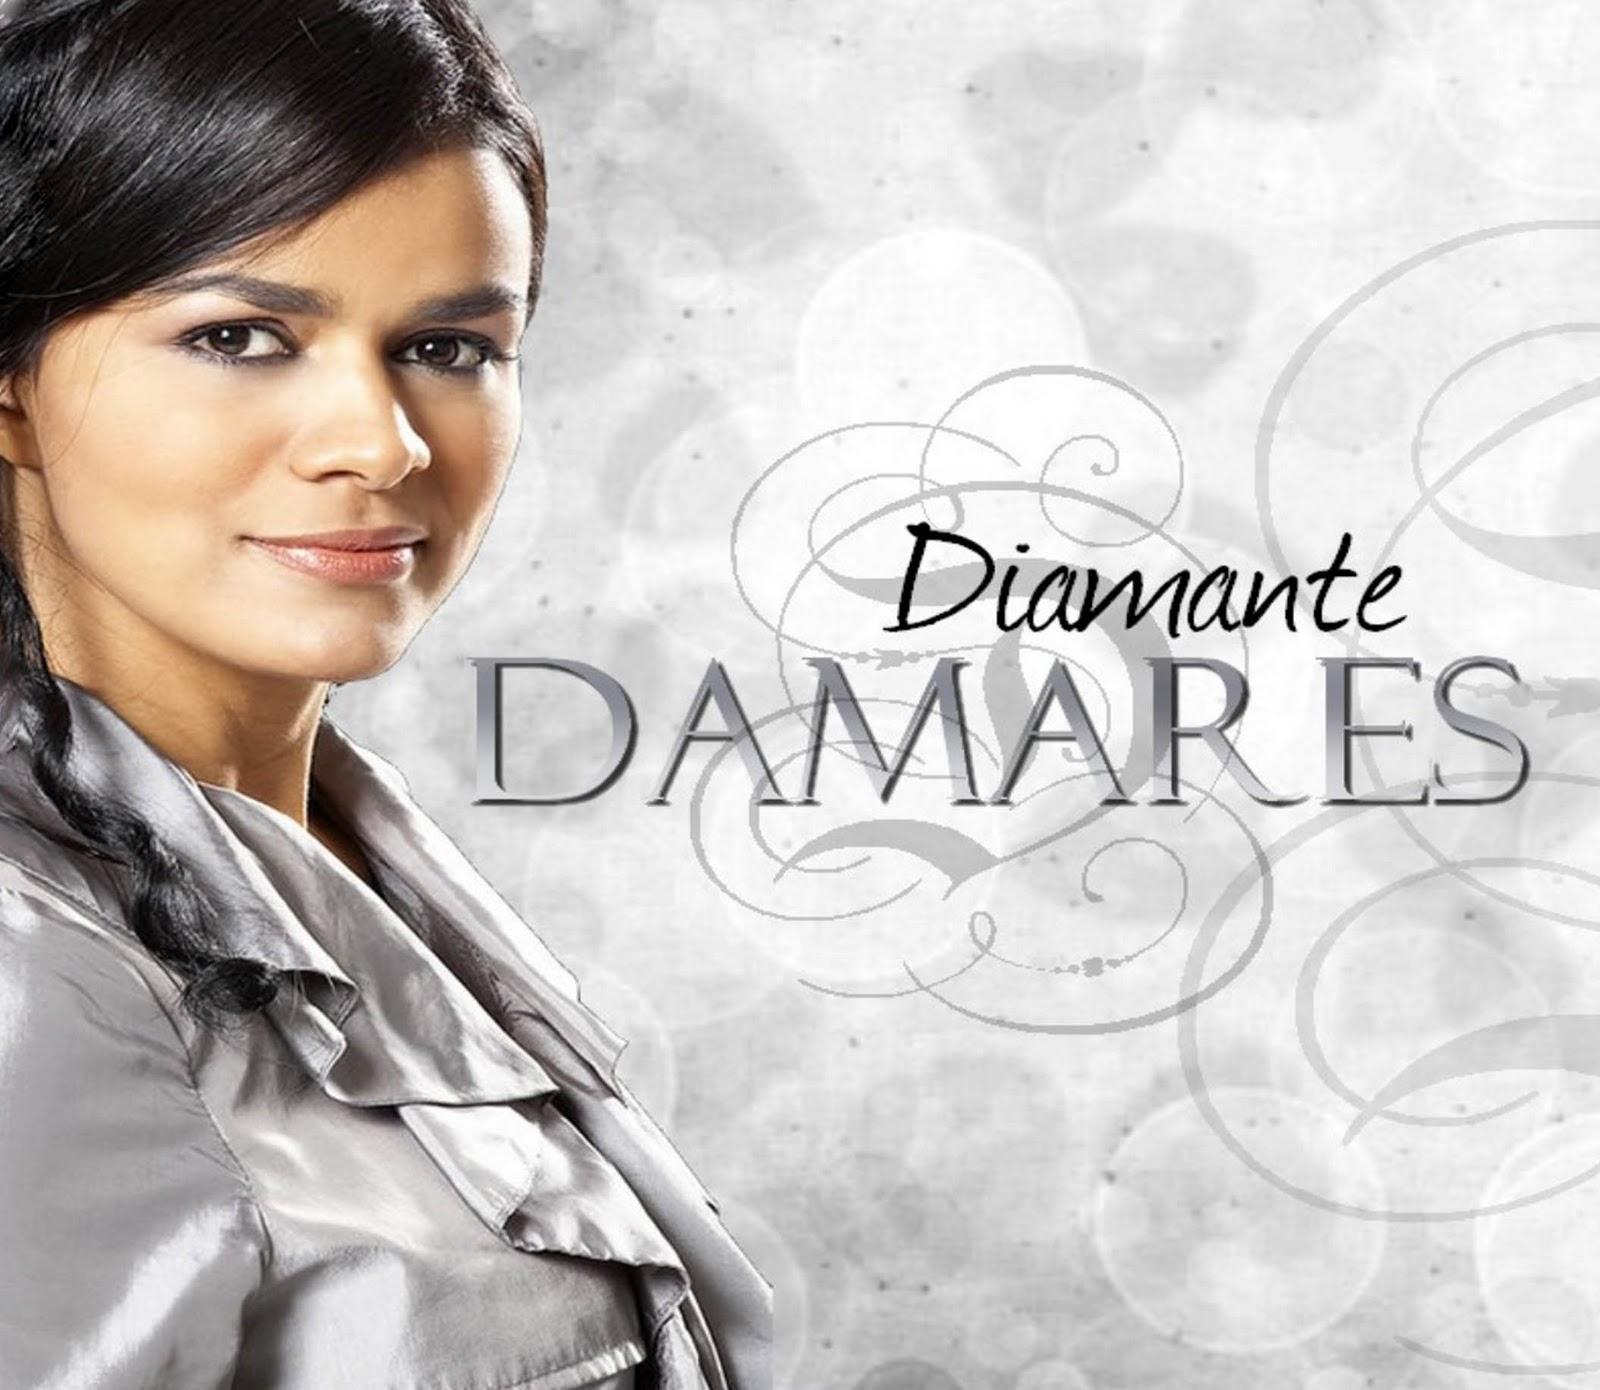 BAIXAR DAMARES DIAMANTE CD COMPLETO